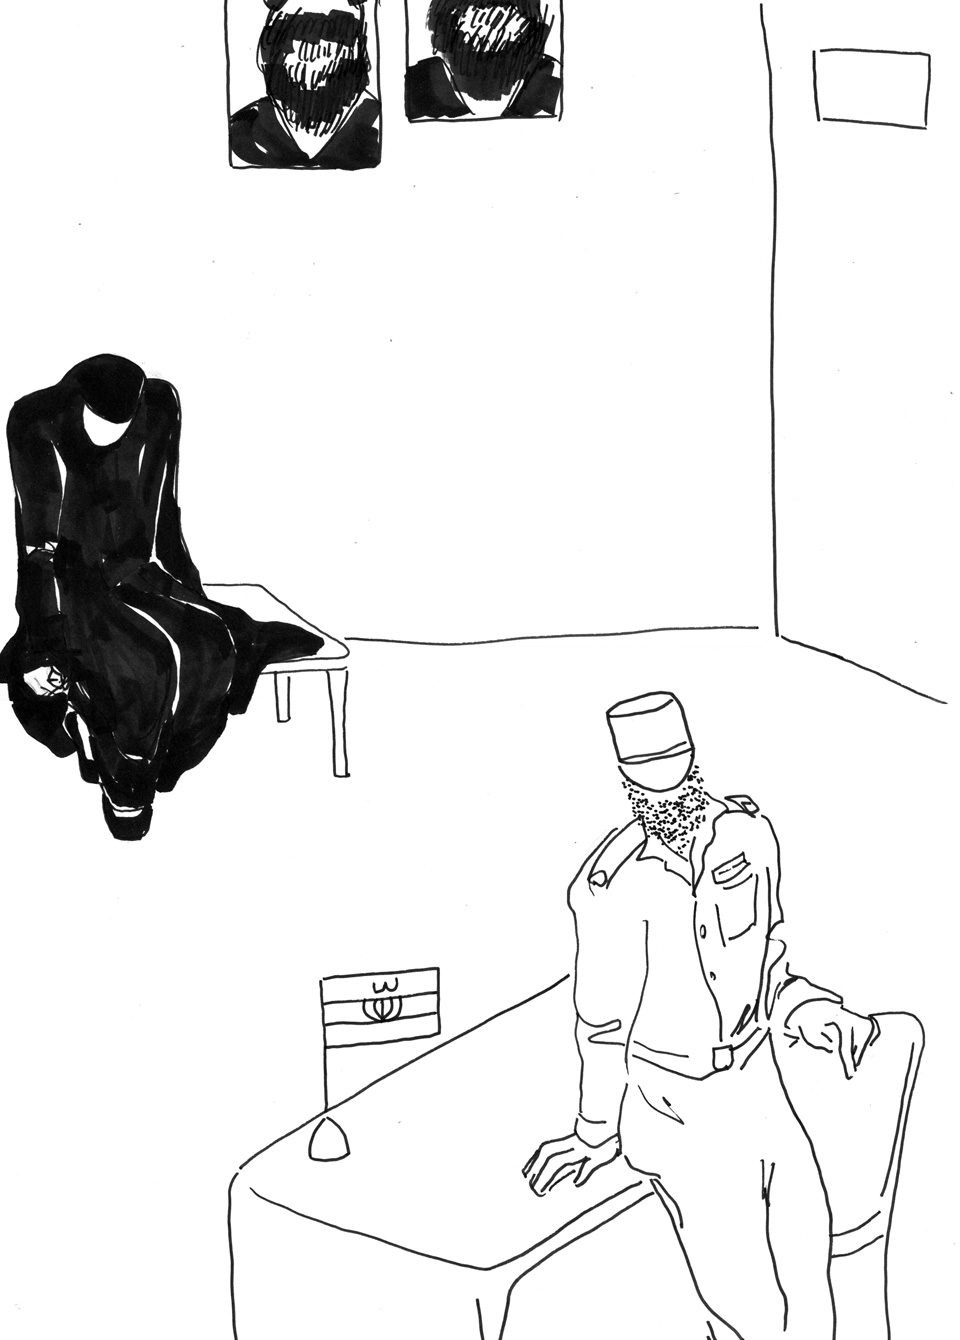 imwarteraum2